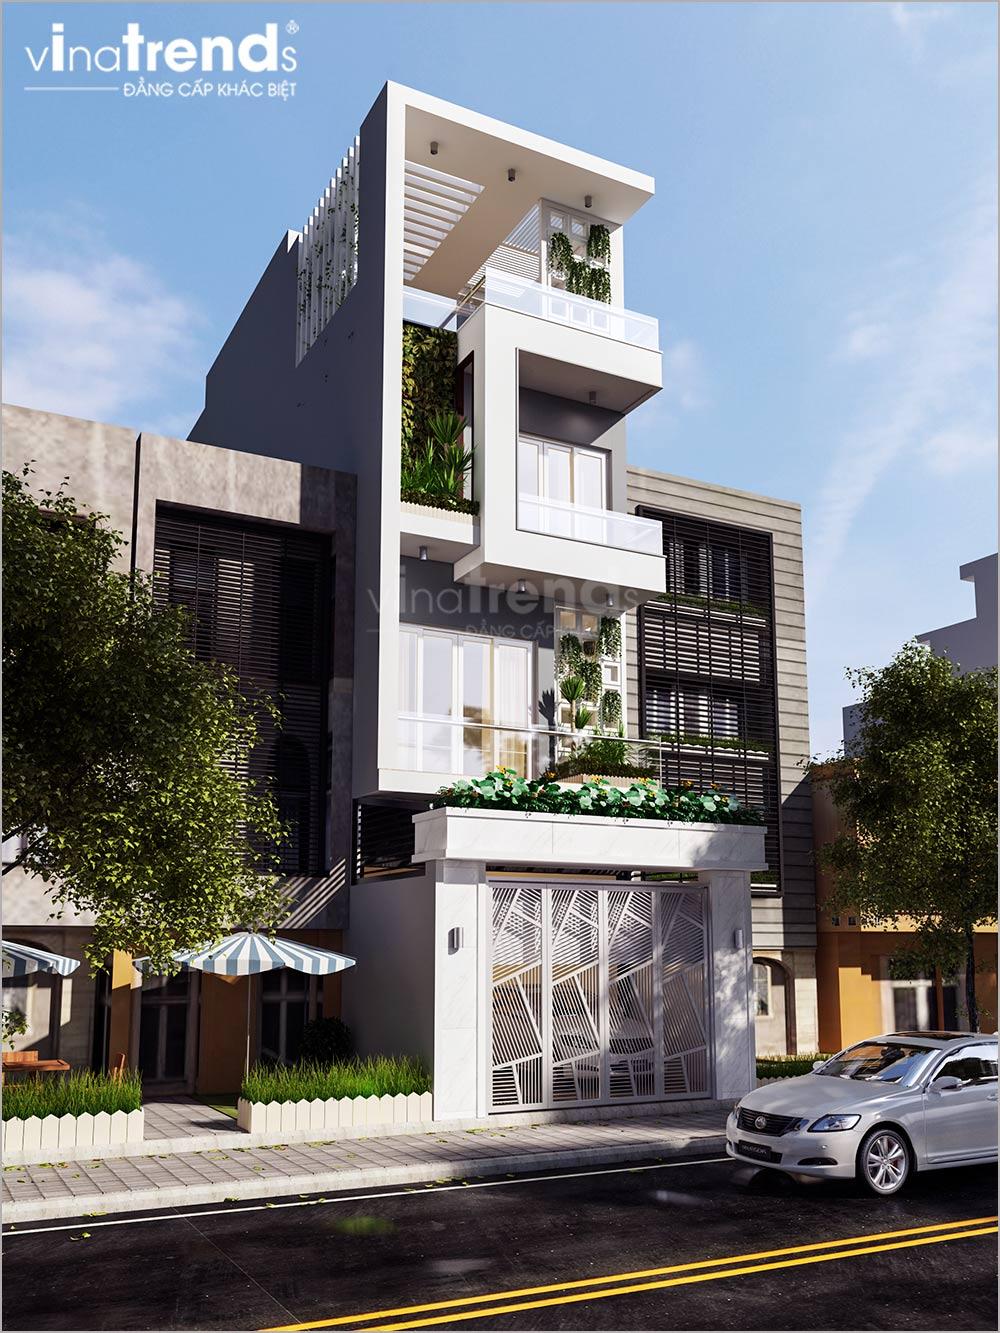 mau nha ong mat tien 5m 4 tang hien dai dep nhat 4 Mẫu nhà phố mặt tiền 5m 4 tầng hiện đại đẳng cấp Việt anh Phương Bình Chánh